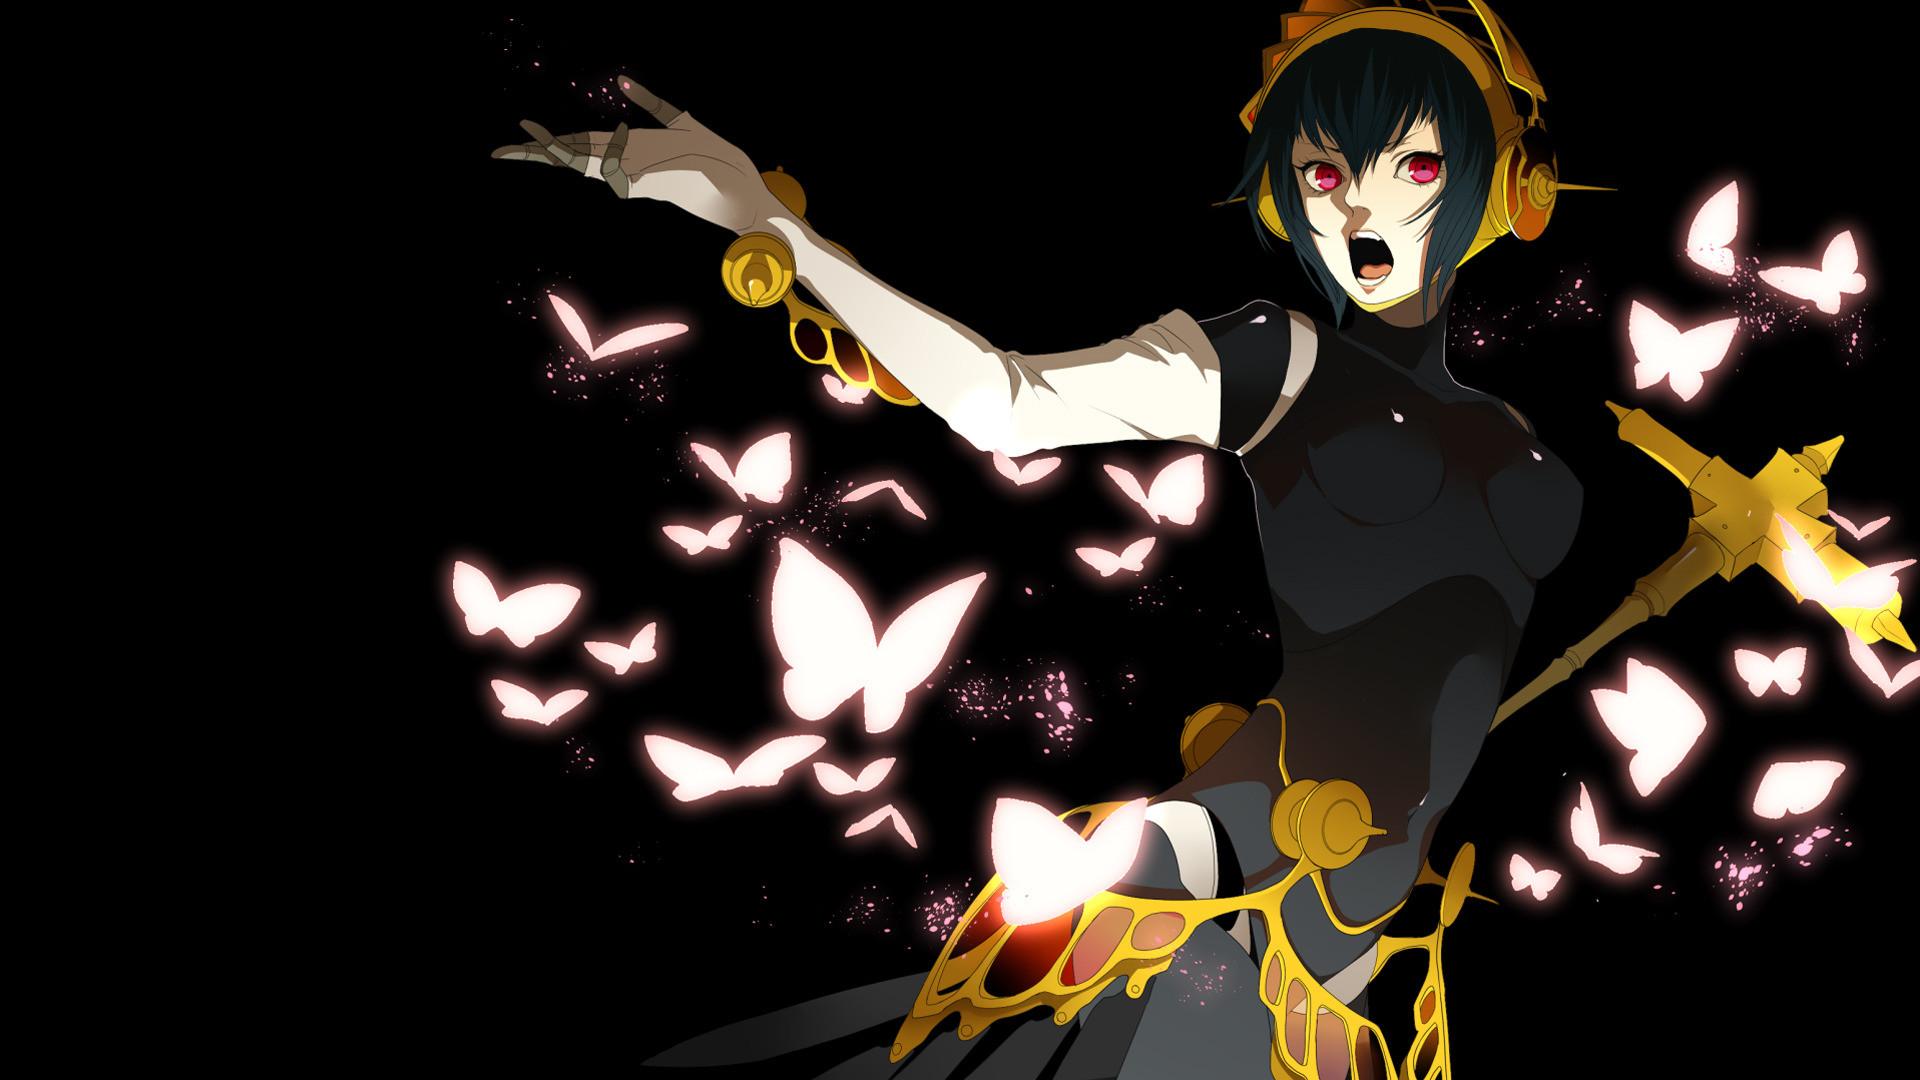 Metis – Persona 3 HD Wallpaper 1920×1080